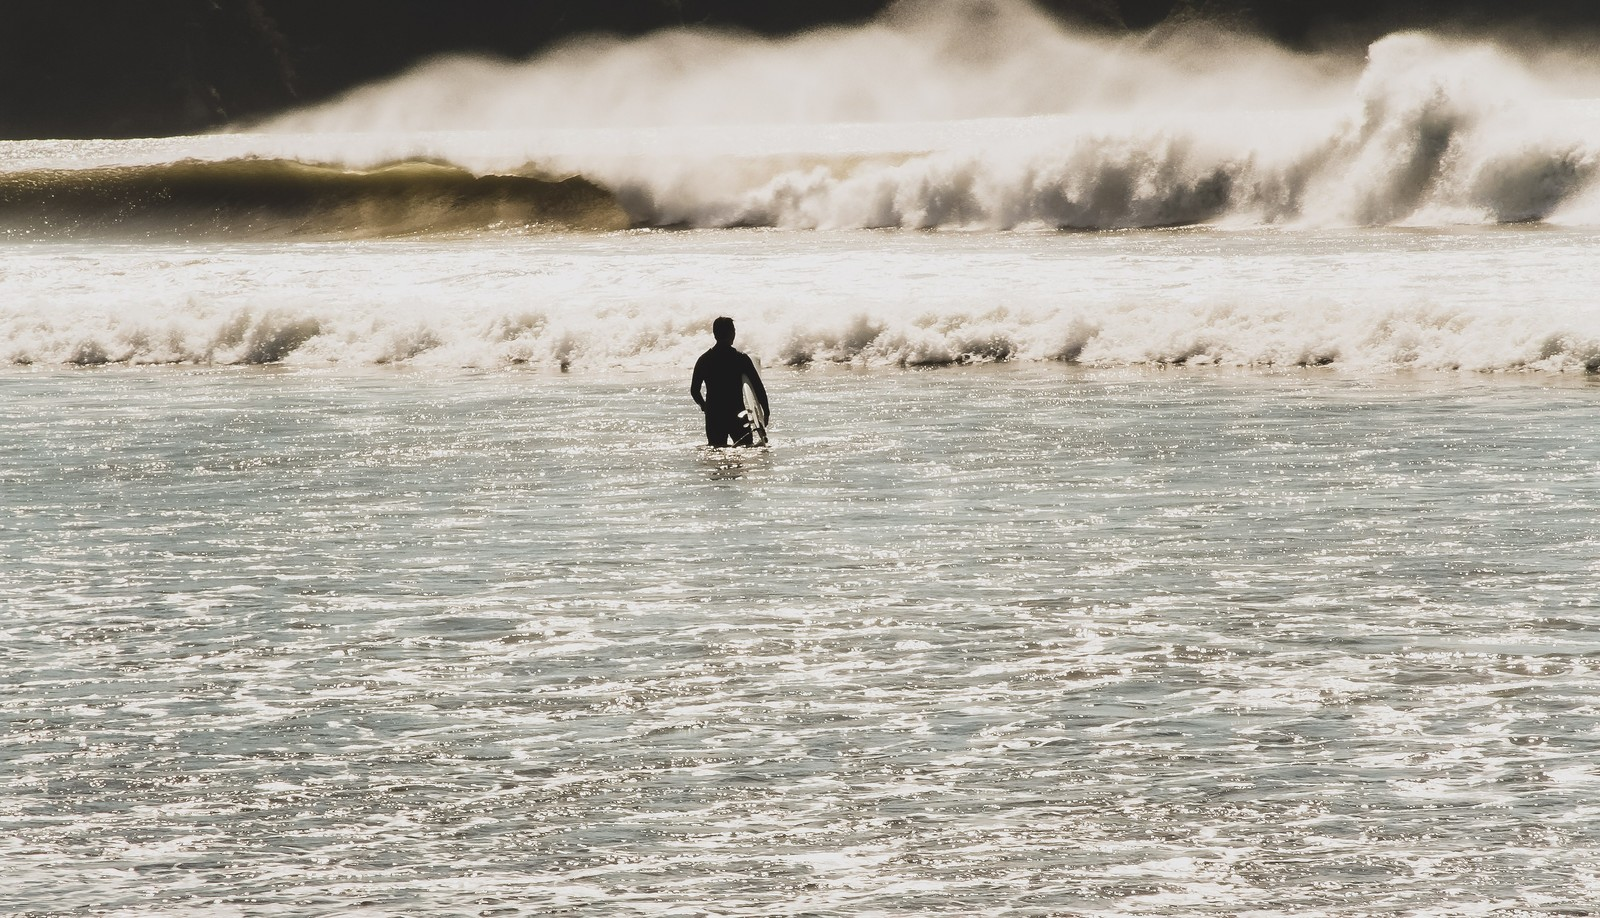 「冬の海とサーファー」の写真